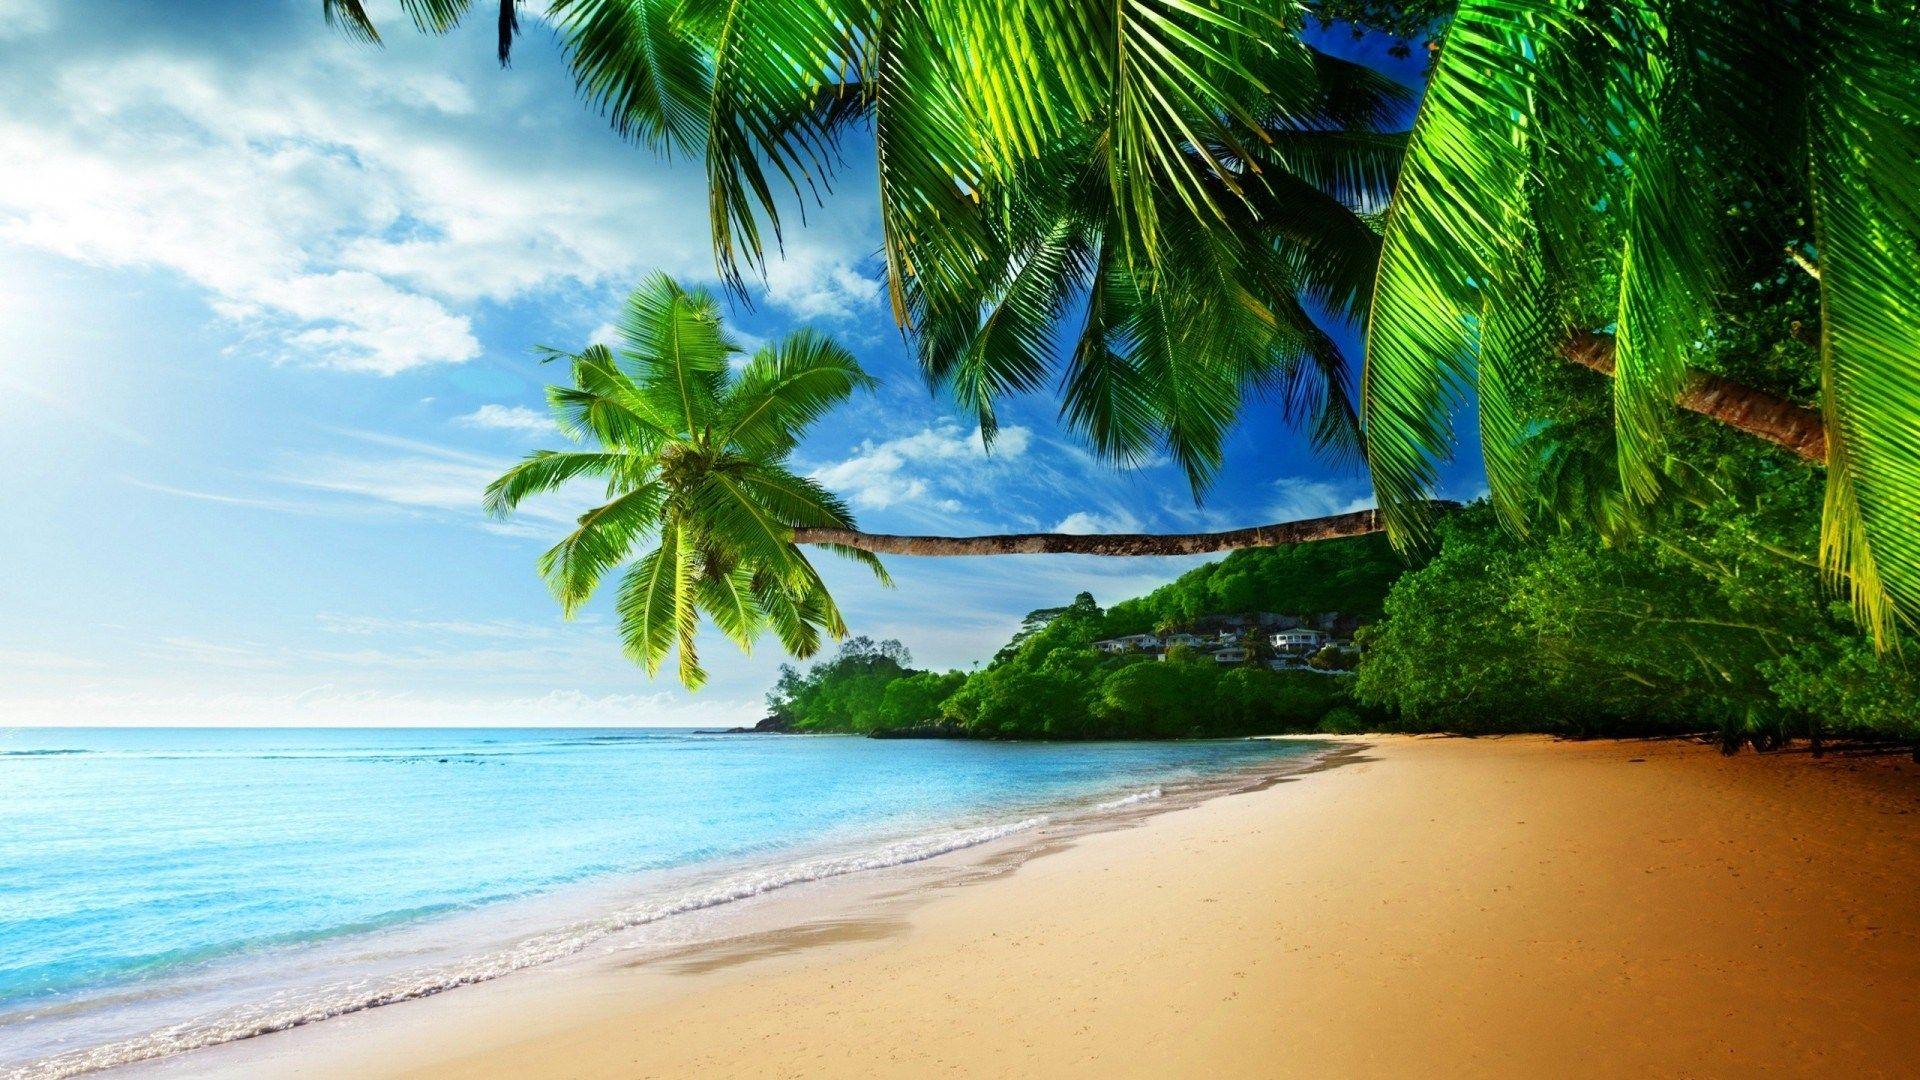 High Resolution Beach Wallpaper: Tropical Beach Waves Wallpapers High Resolution Desktop